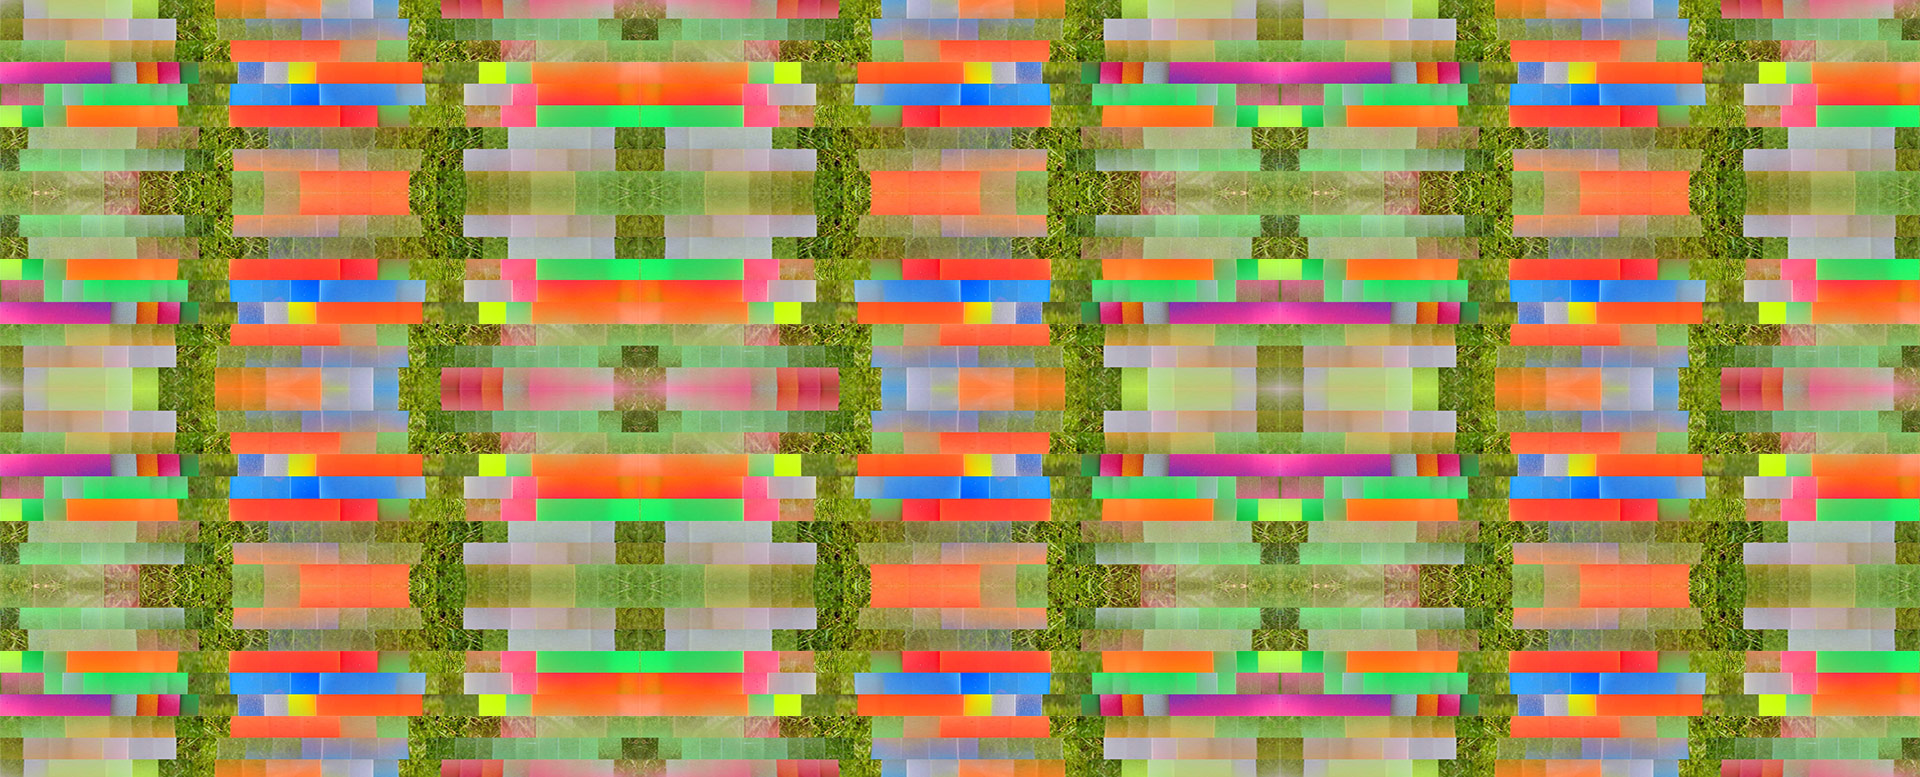 pixels-pattern-2